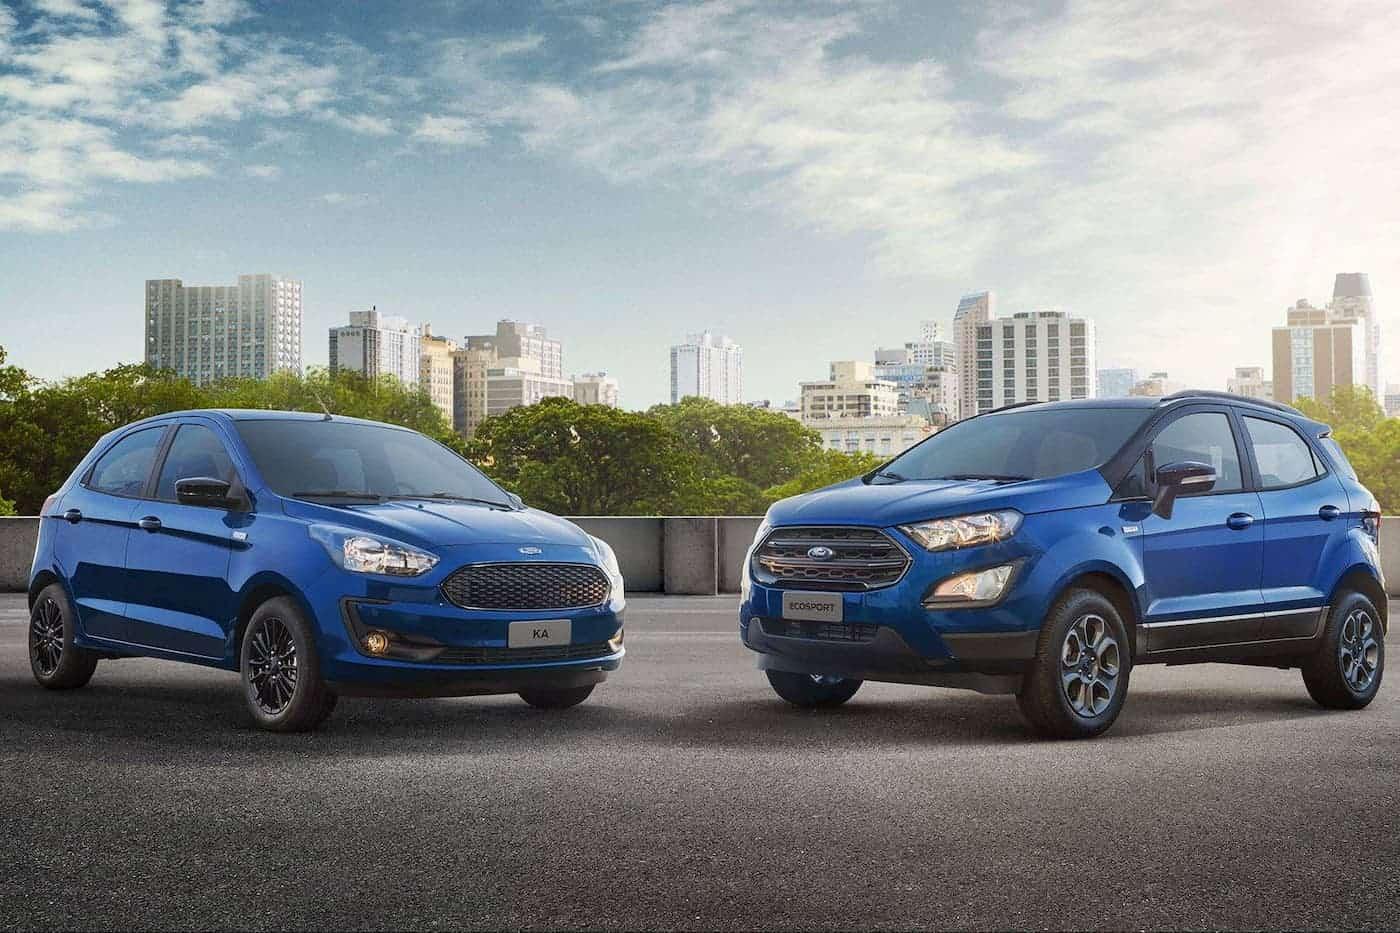 Ford Ka e Ecosport série 100 anos